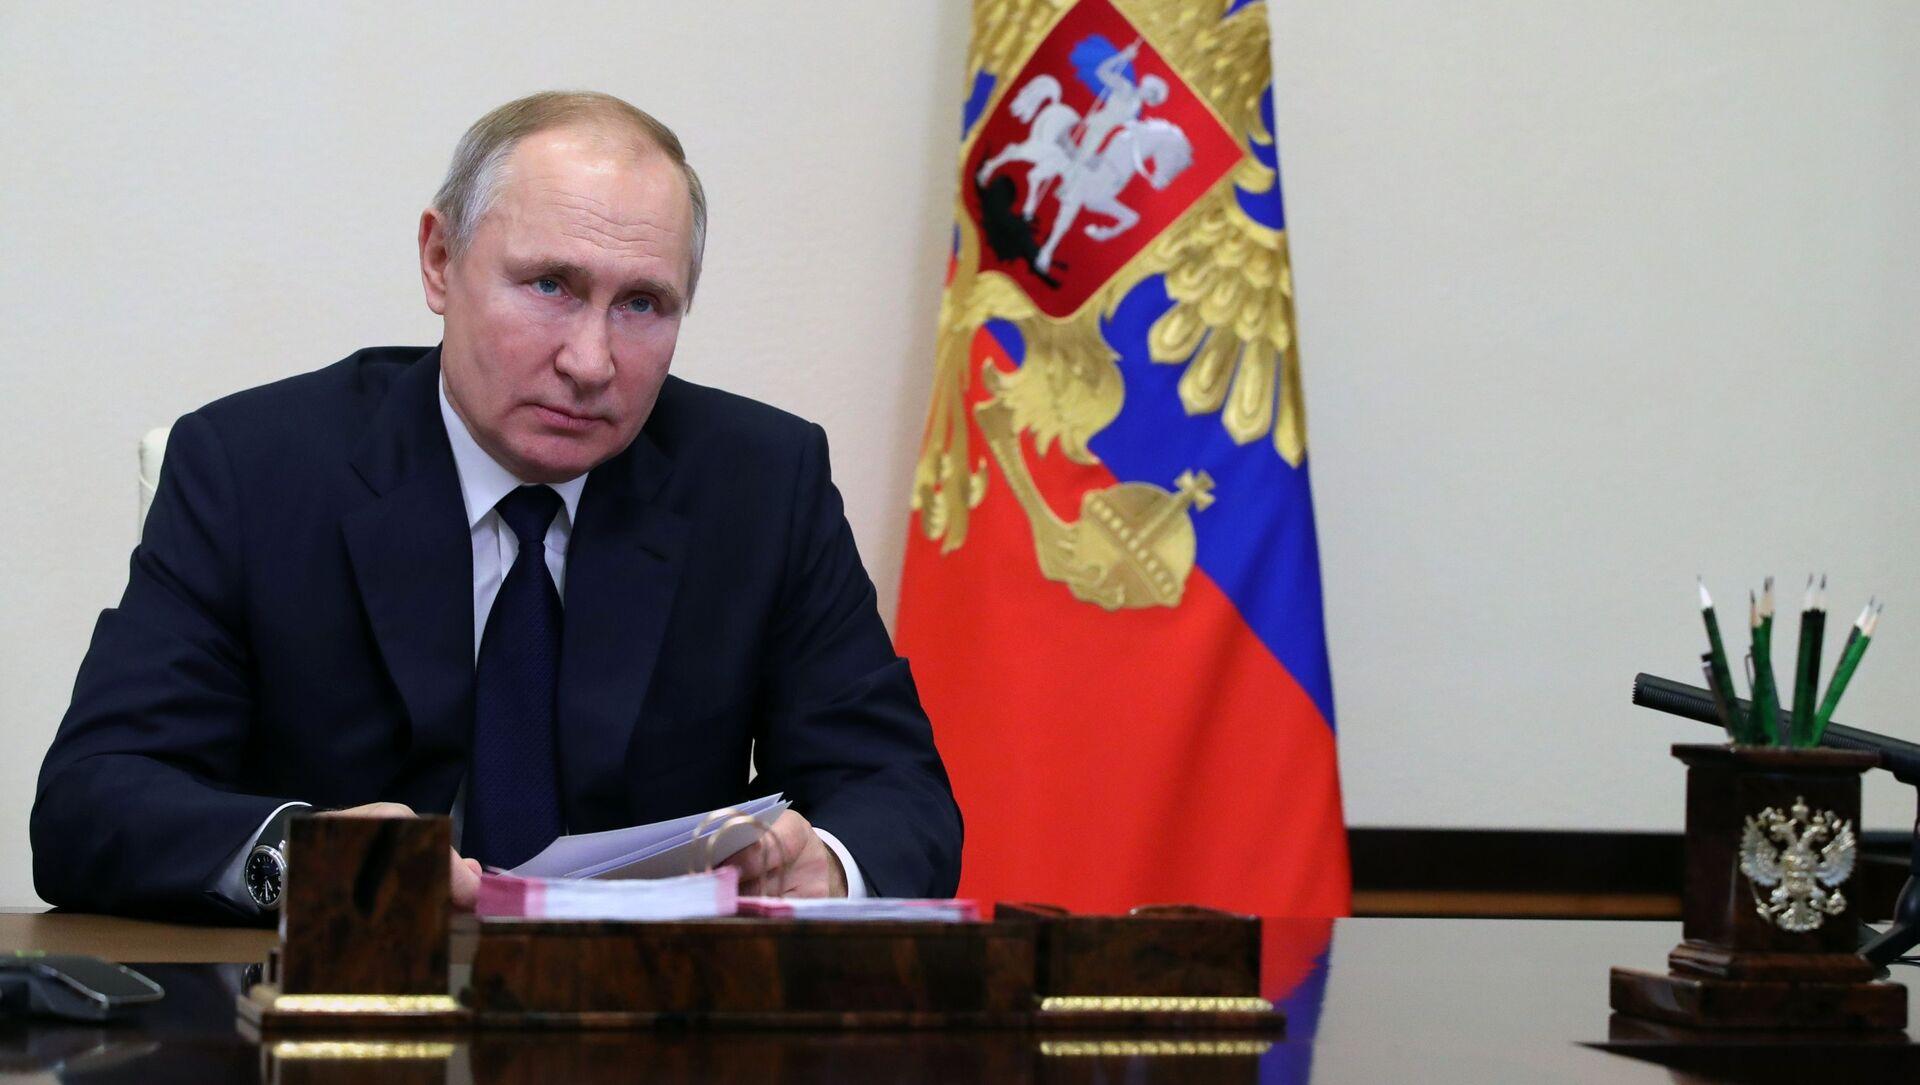 Ruský prezident Vladimir Putin - Sputnik Česká republika, 1920, 05.04.2021